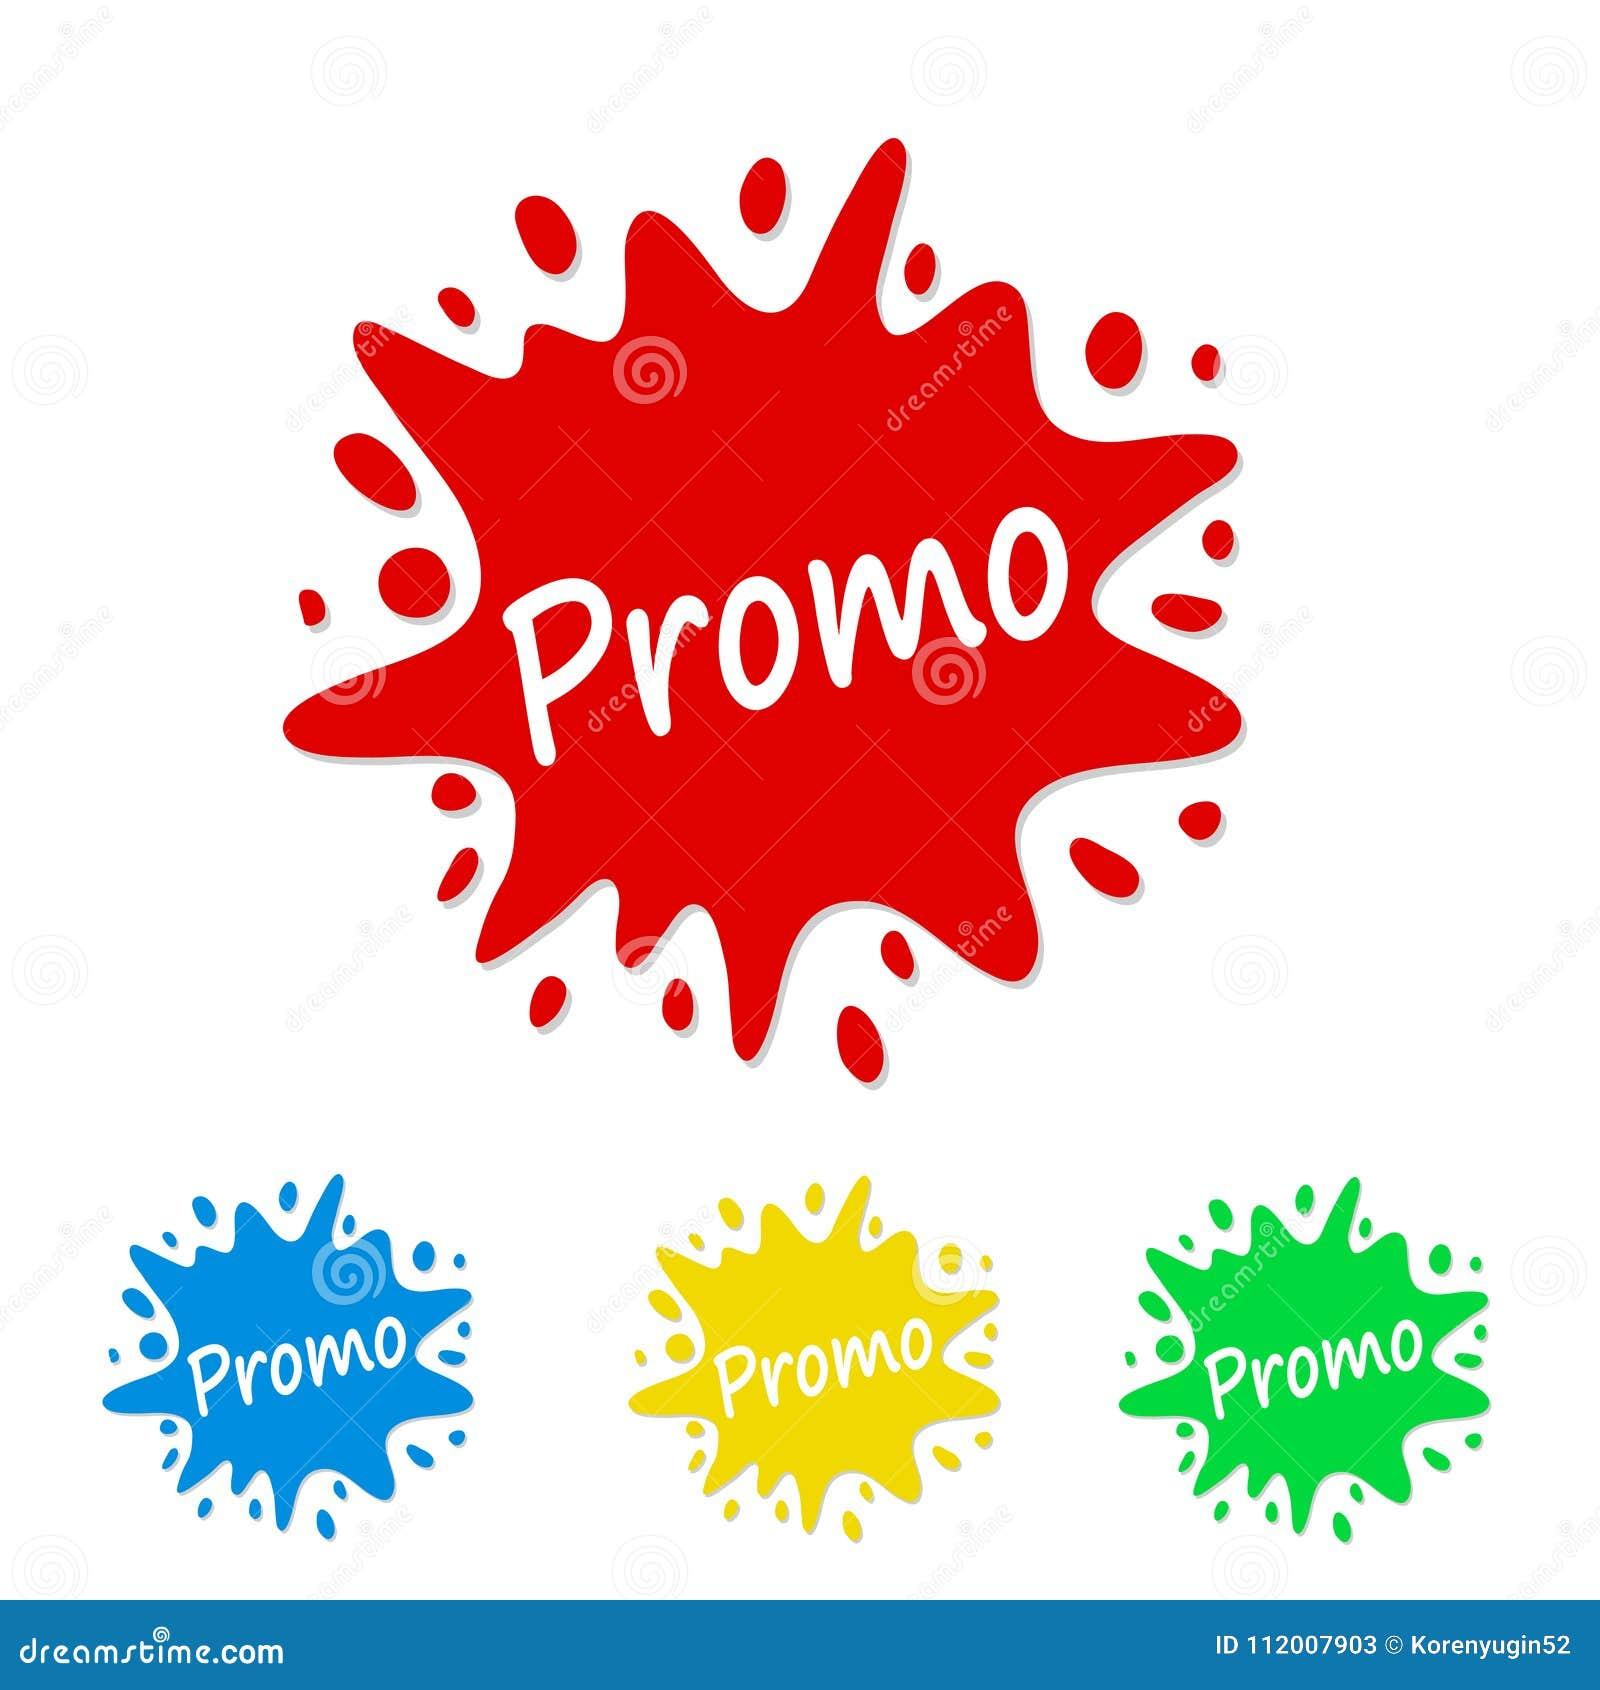 Promo Stock Illustrations – 198,848 Promo Stock Illustrations, Vectors &  Clipart - Dreamstime